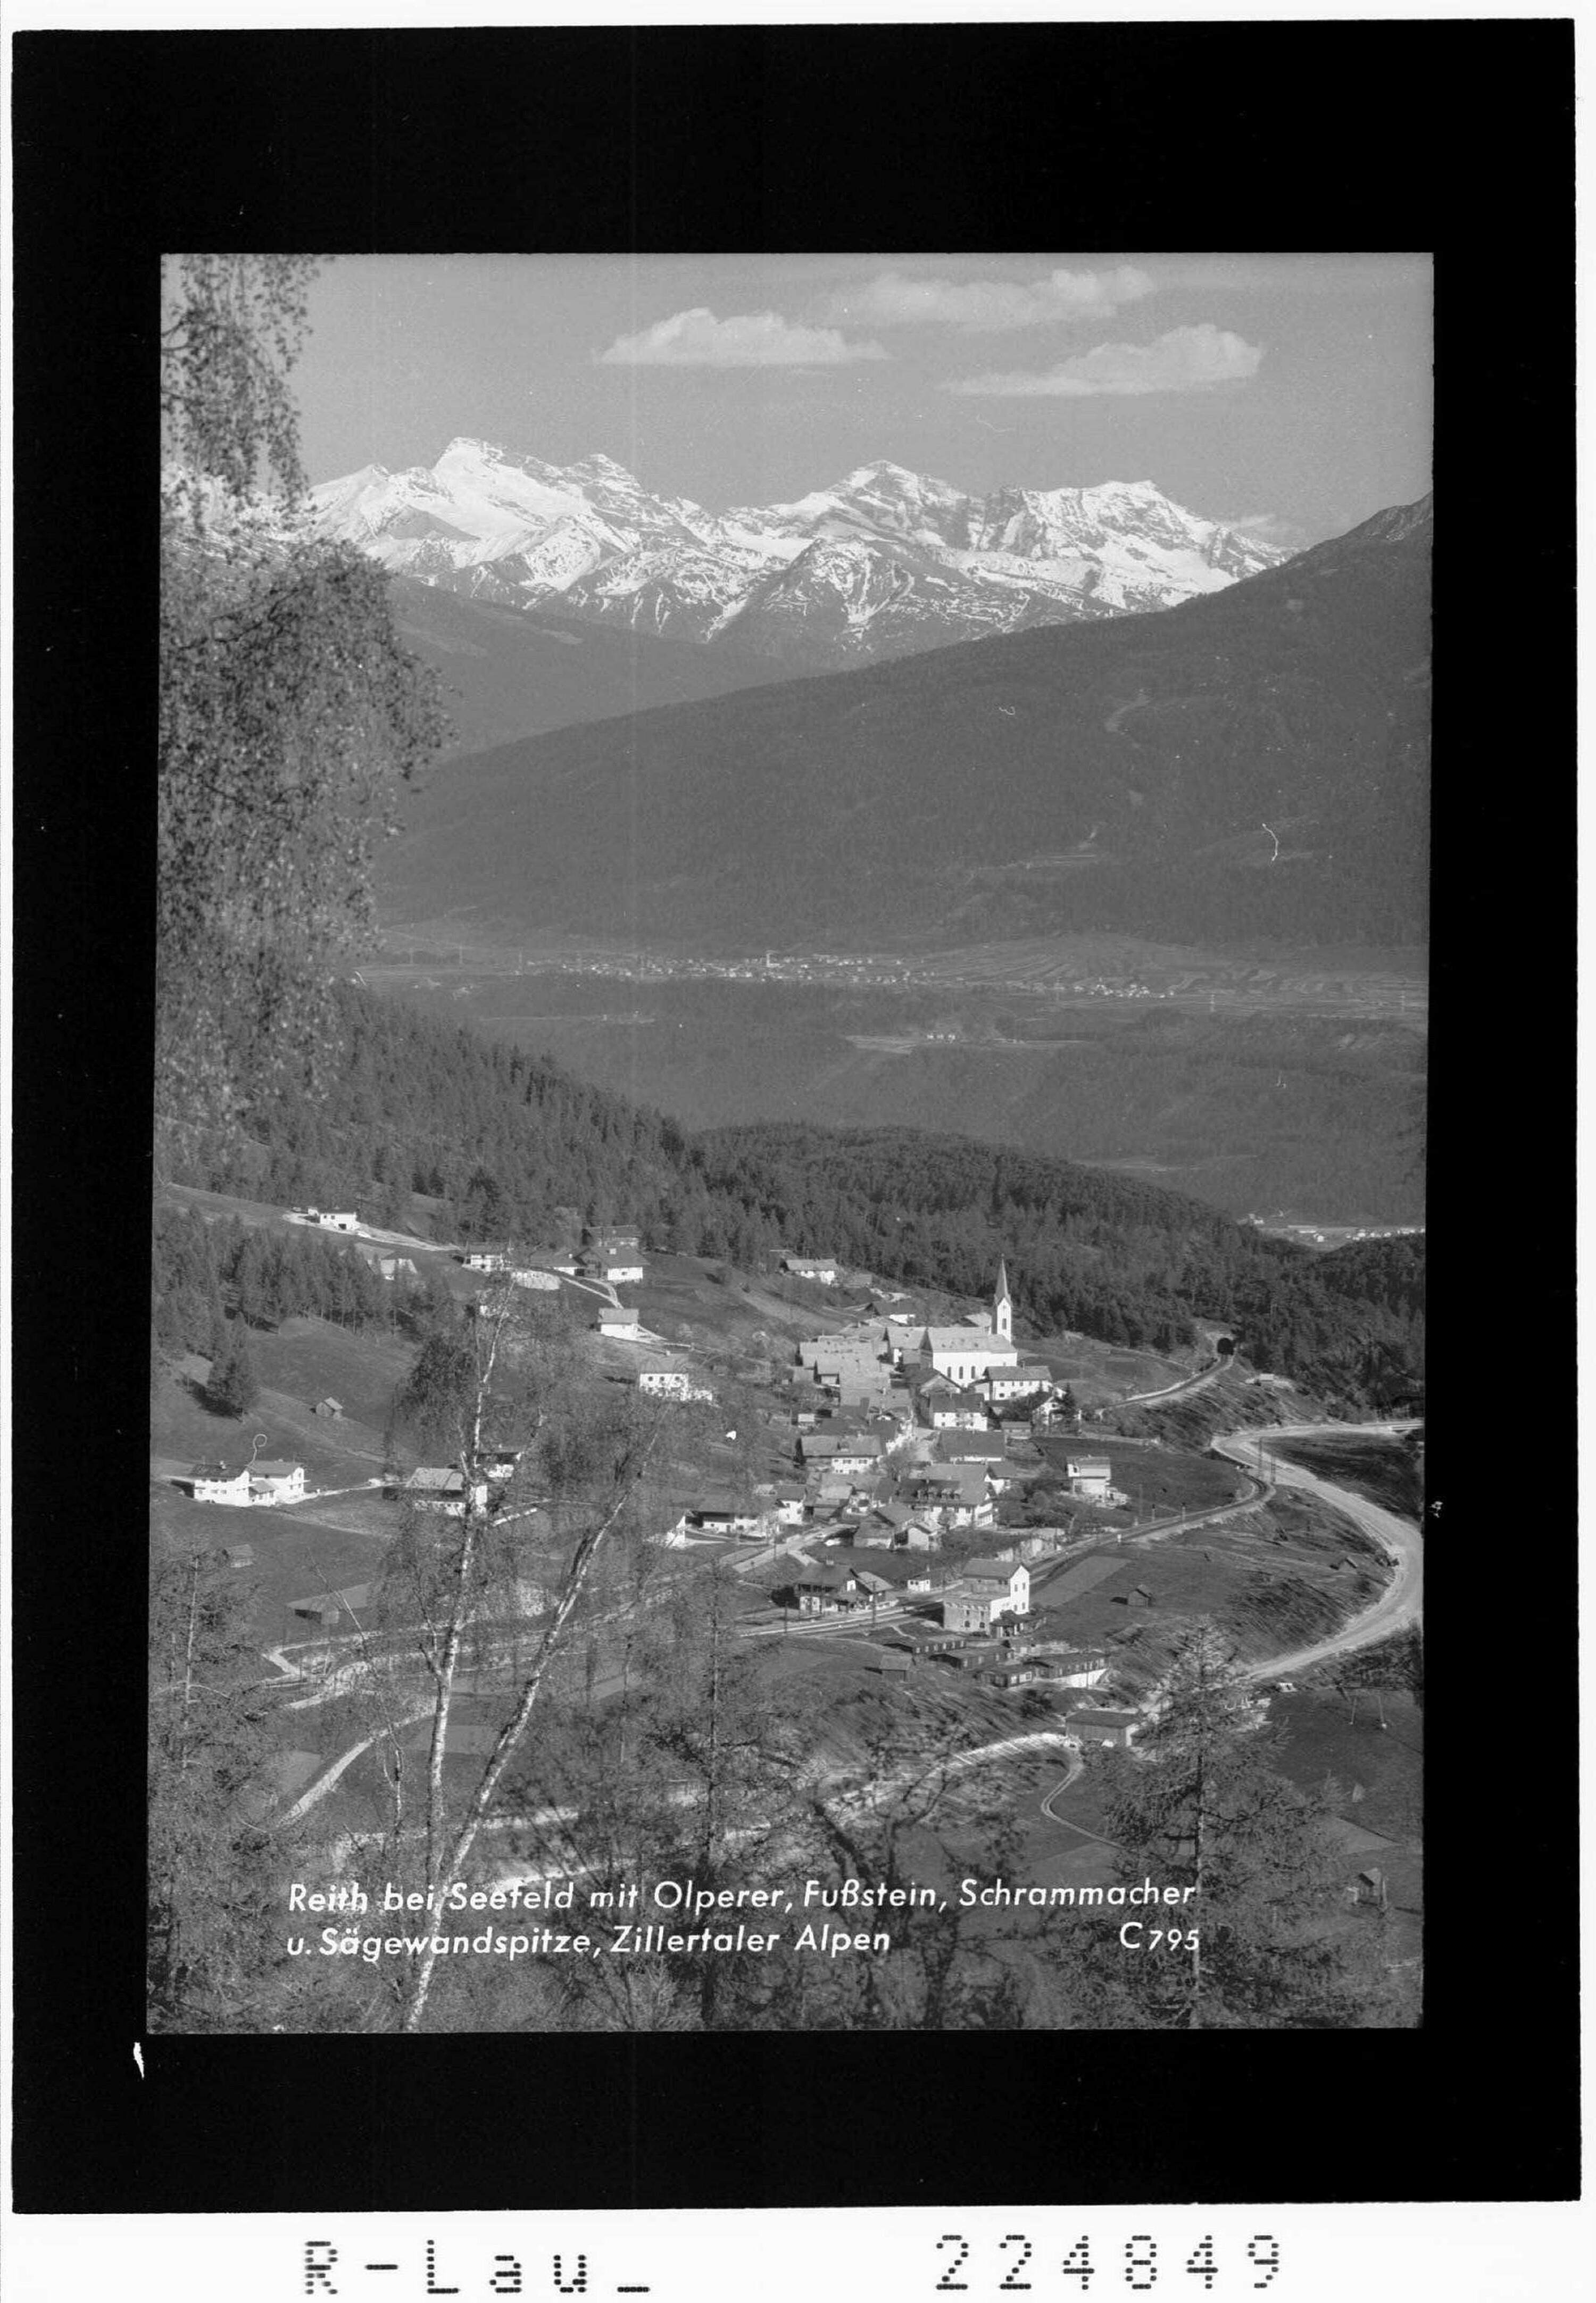 Reith bei Seefeld mit Olperer - Fußstein - Schrammacher und Sägewandspitze / Zillertaler Alpen von Wilhelm Stempfle